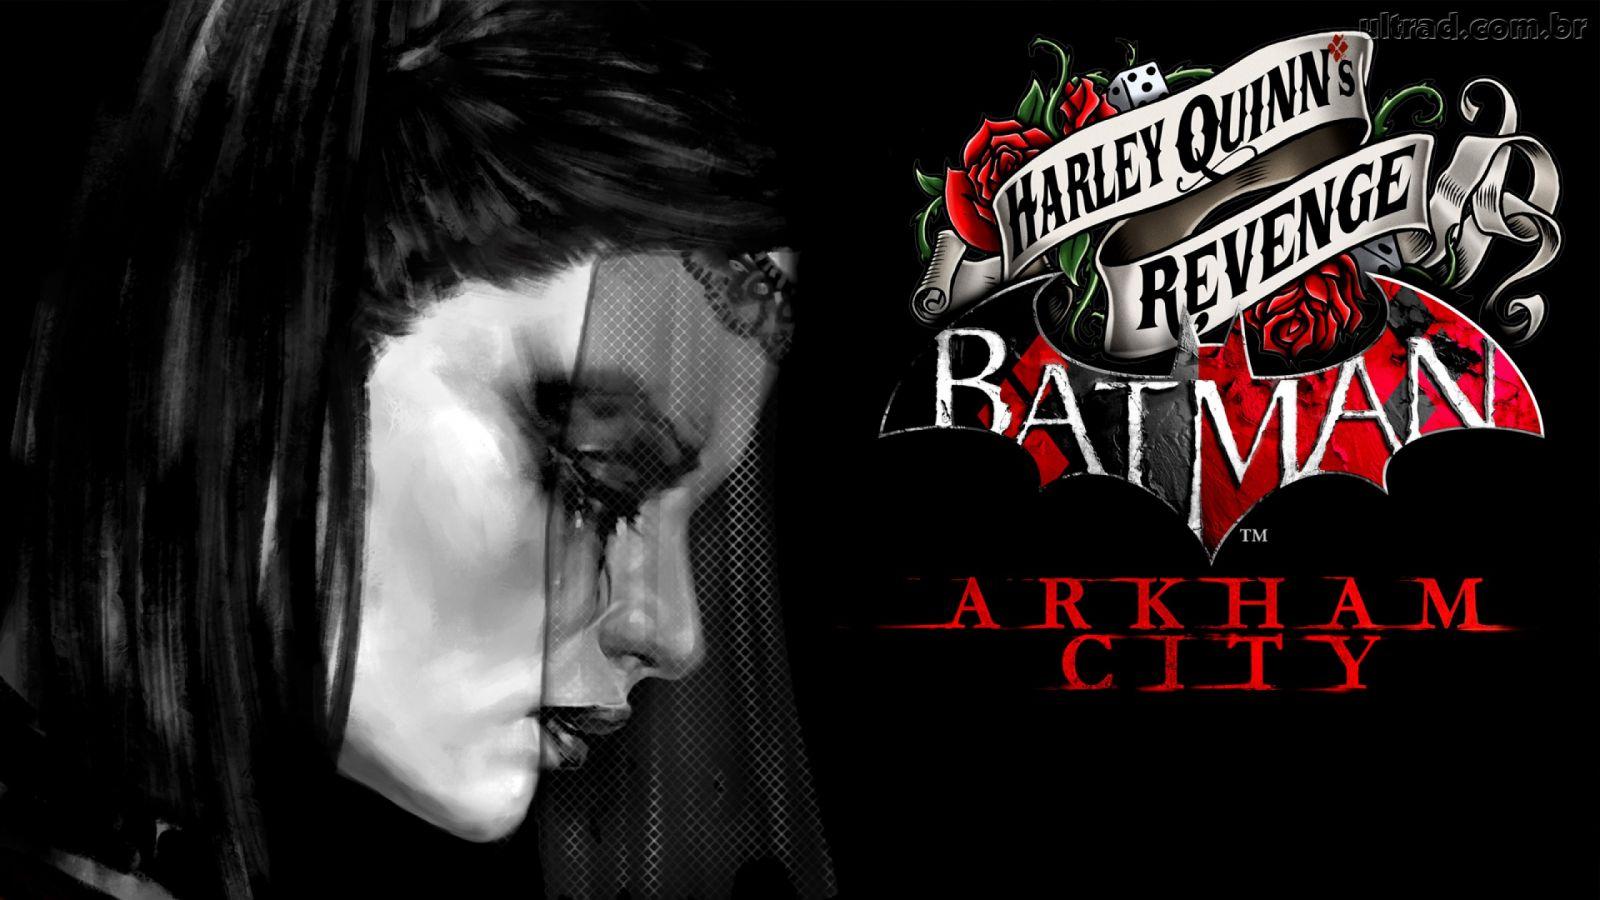 Batman arkham city harley quinn's revenge dlc crack + full game.